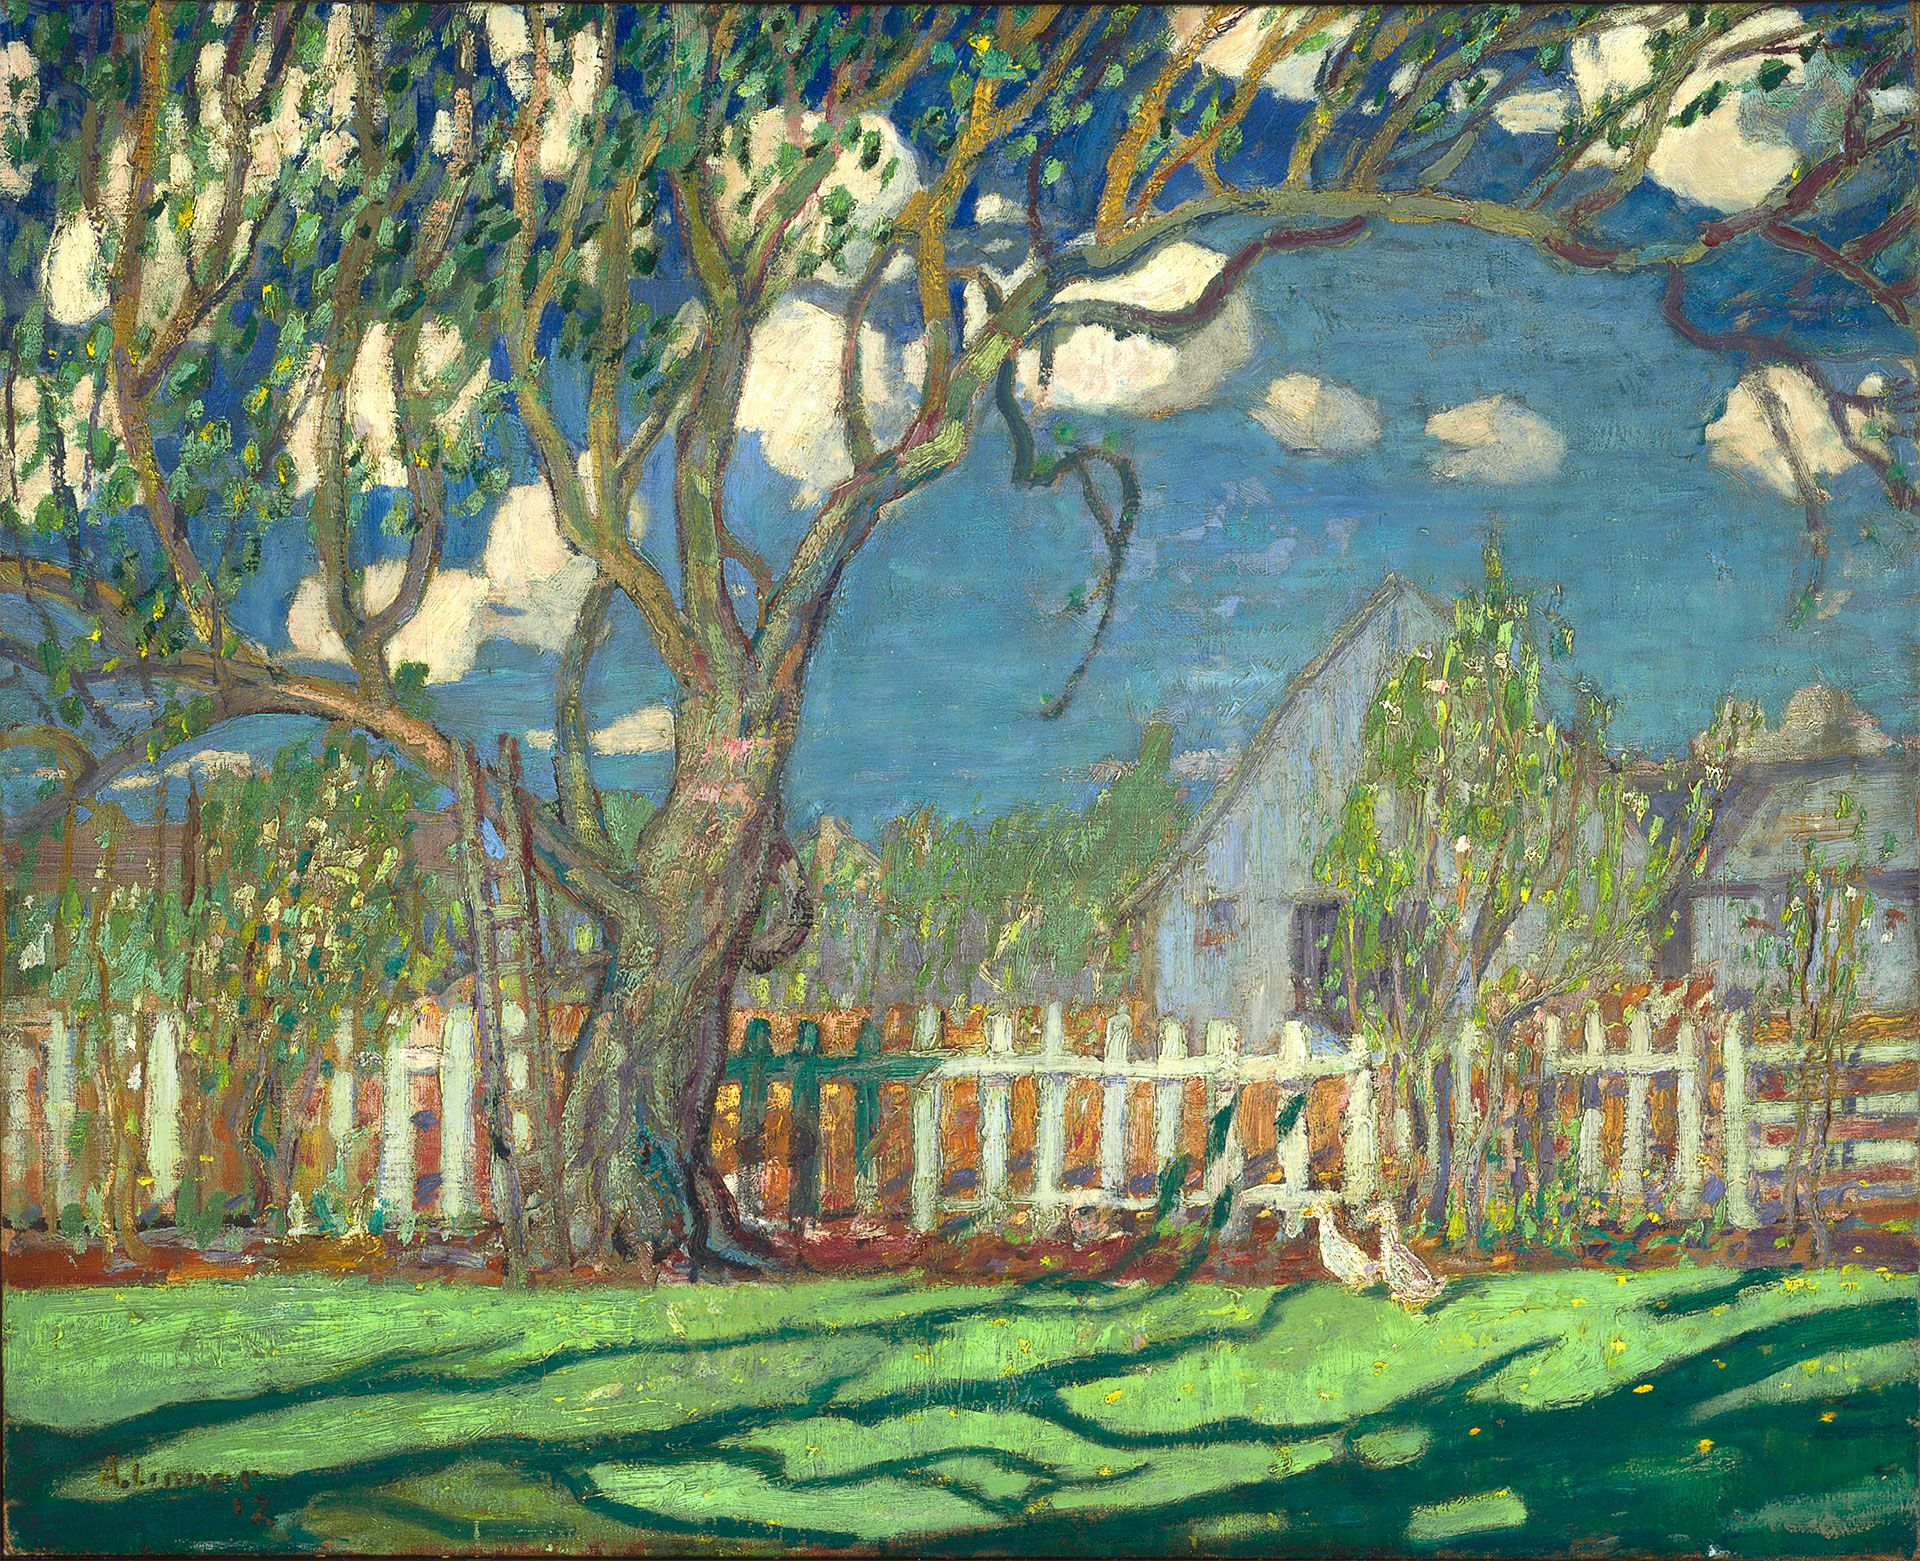 Arthur Lismer, Springtime on the Farm, 1917. MMFA, purchase, A. Sidney Dawes Fund. Photo MMFA